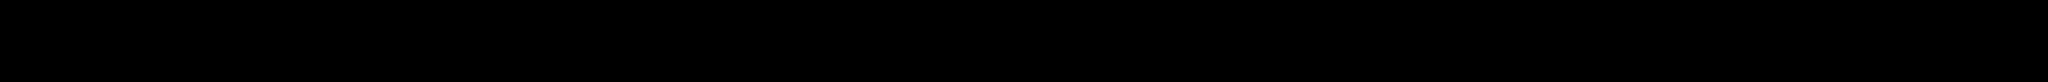 HELLA 300.6119, 72450645, X825 107 043 000, N10256401, N10256401 Pære, blinklys